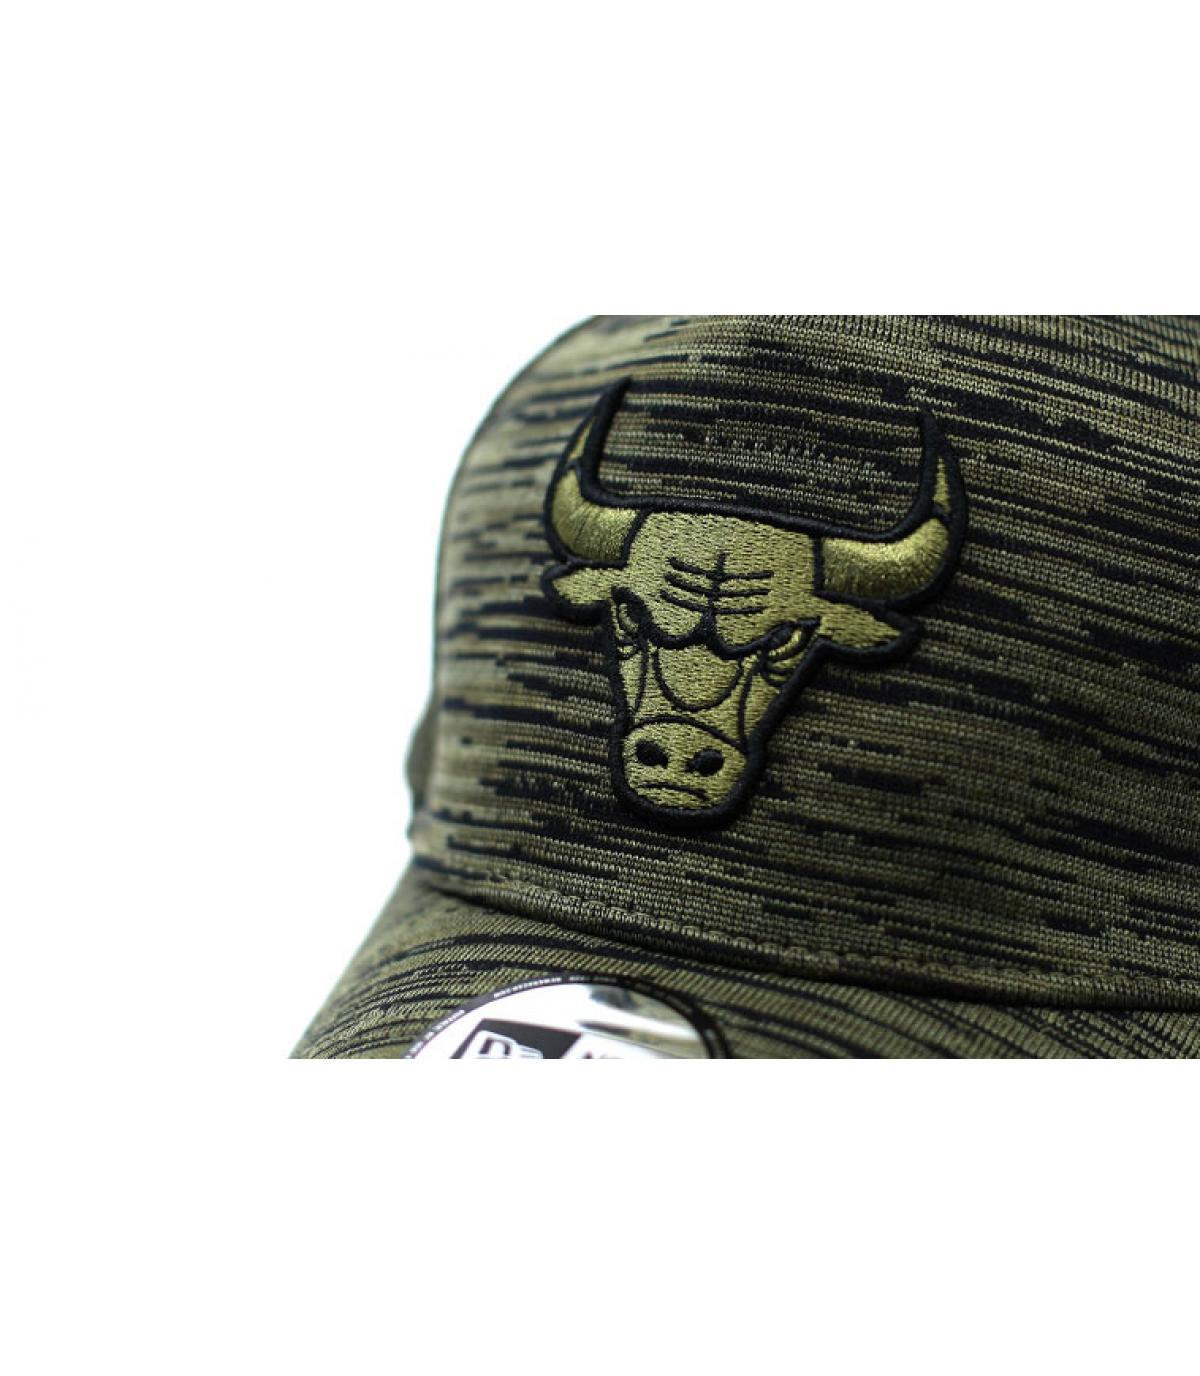 Detalles Engineered Fit Bulls Aframe olive imagen 3